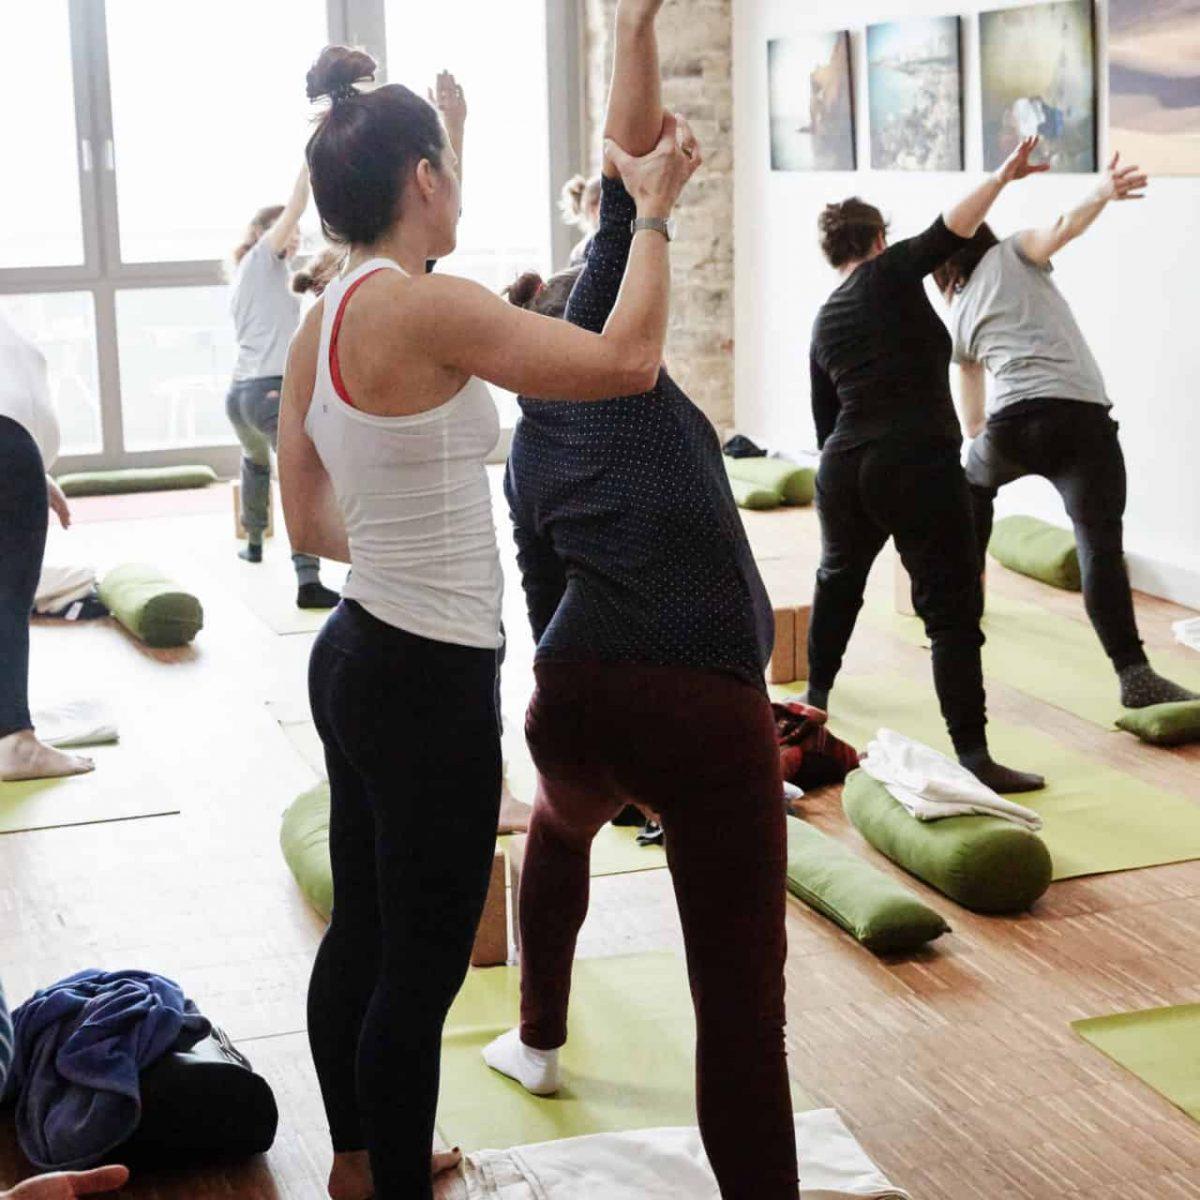 YogaManufaktur_Wuerzburg_Buergerbraeugelaende_Prenatal_Yoga_vor_der_Geburt_in_der_schwangerschaft3